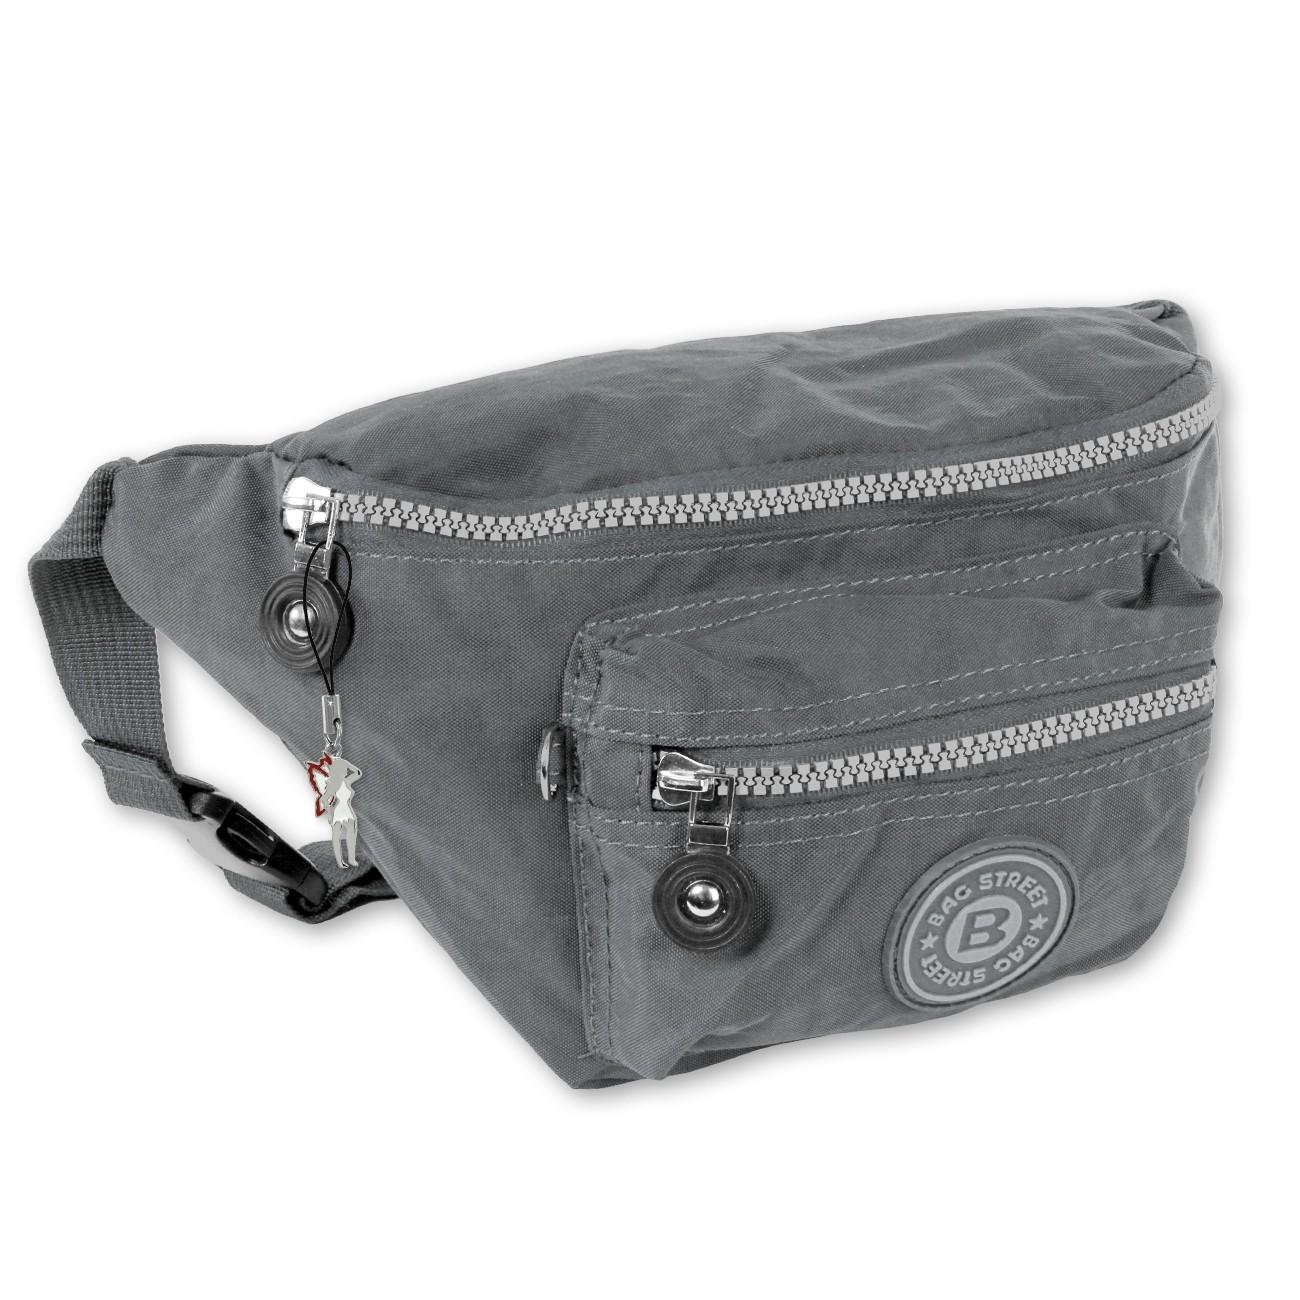 Gürteltasche Nylon grau Hüfttasche Bauchtasche Bag Street OTJ506K